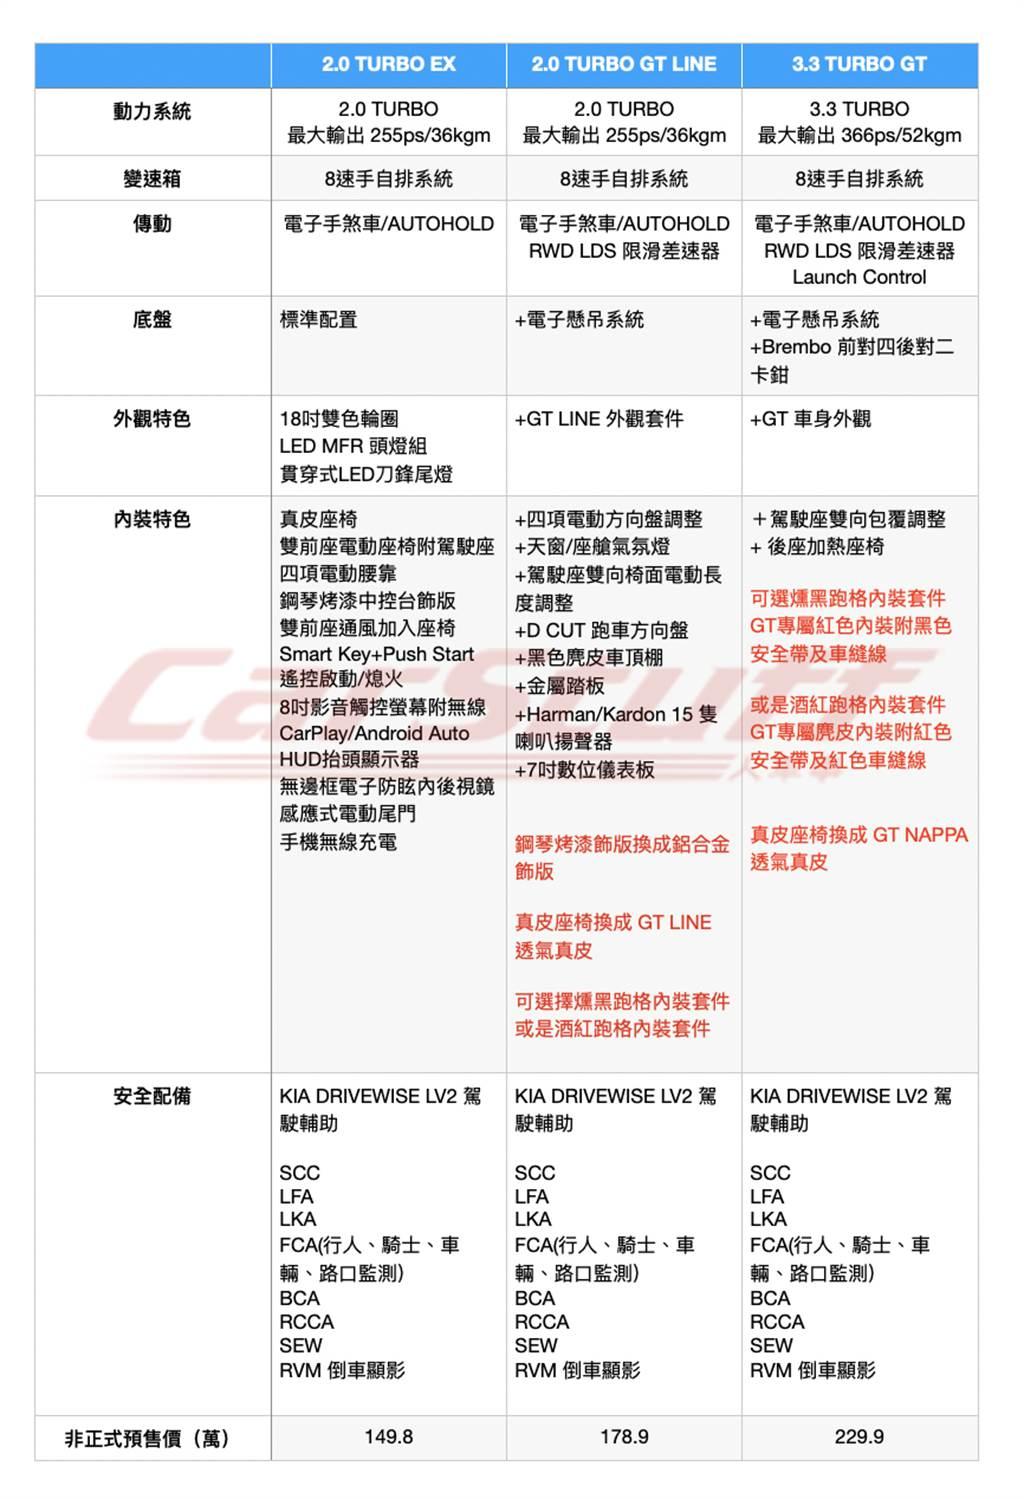 維持 2.0T/3.3T 雙動力三規格佈局,KIA Stinger 小改款台灣規格細節流出